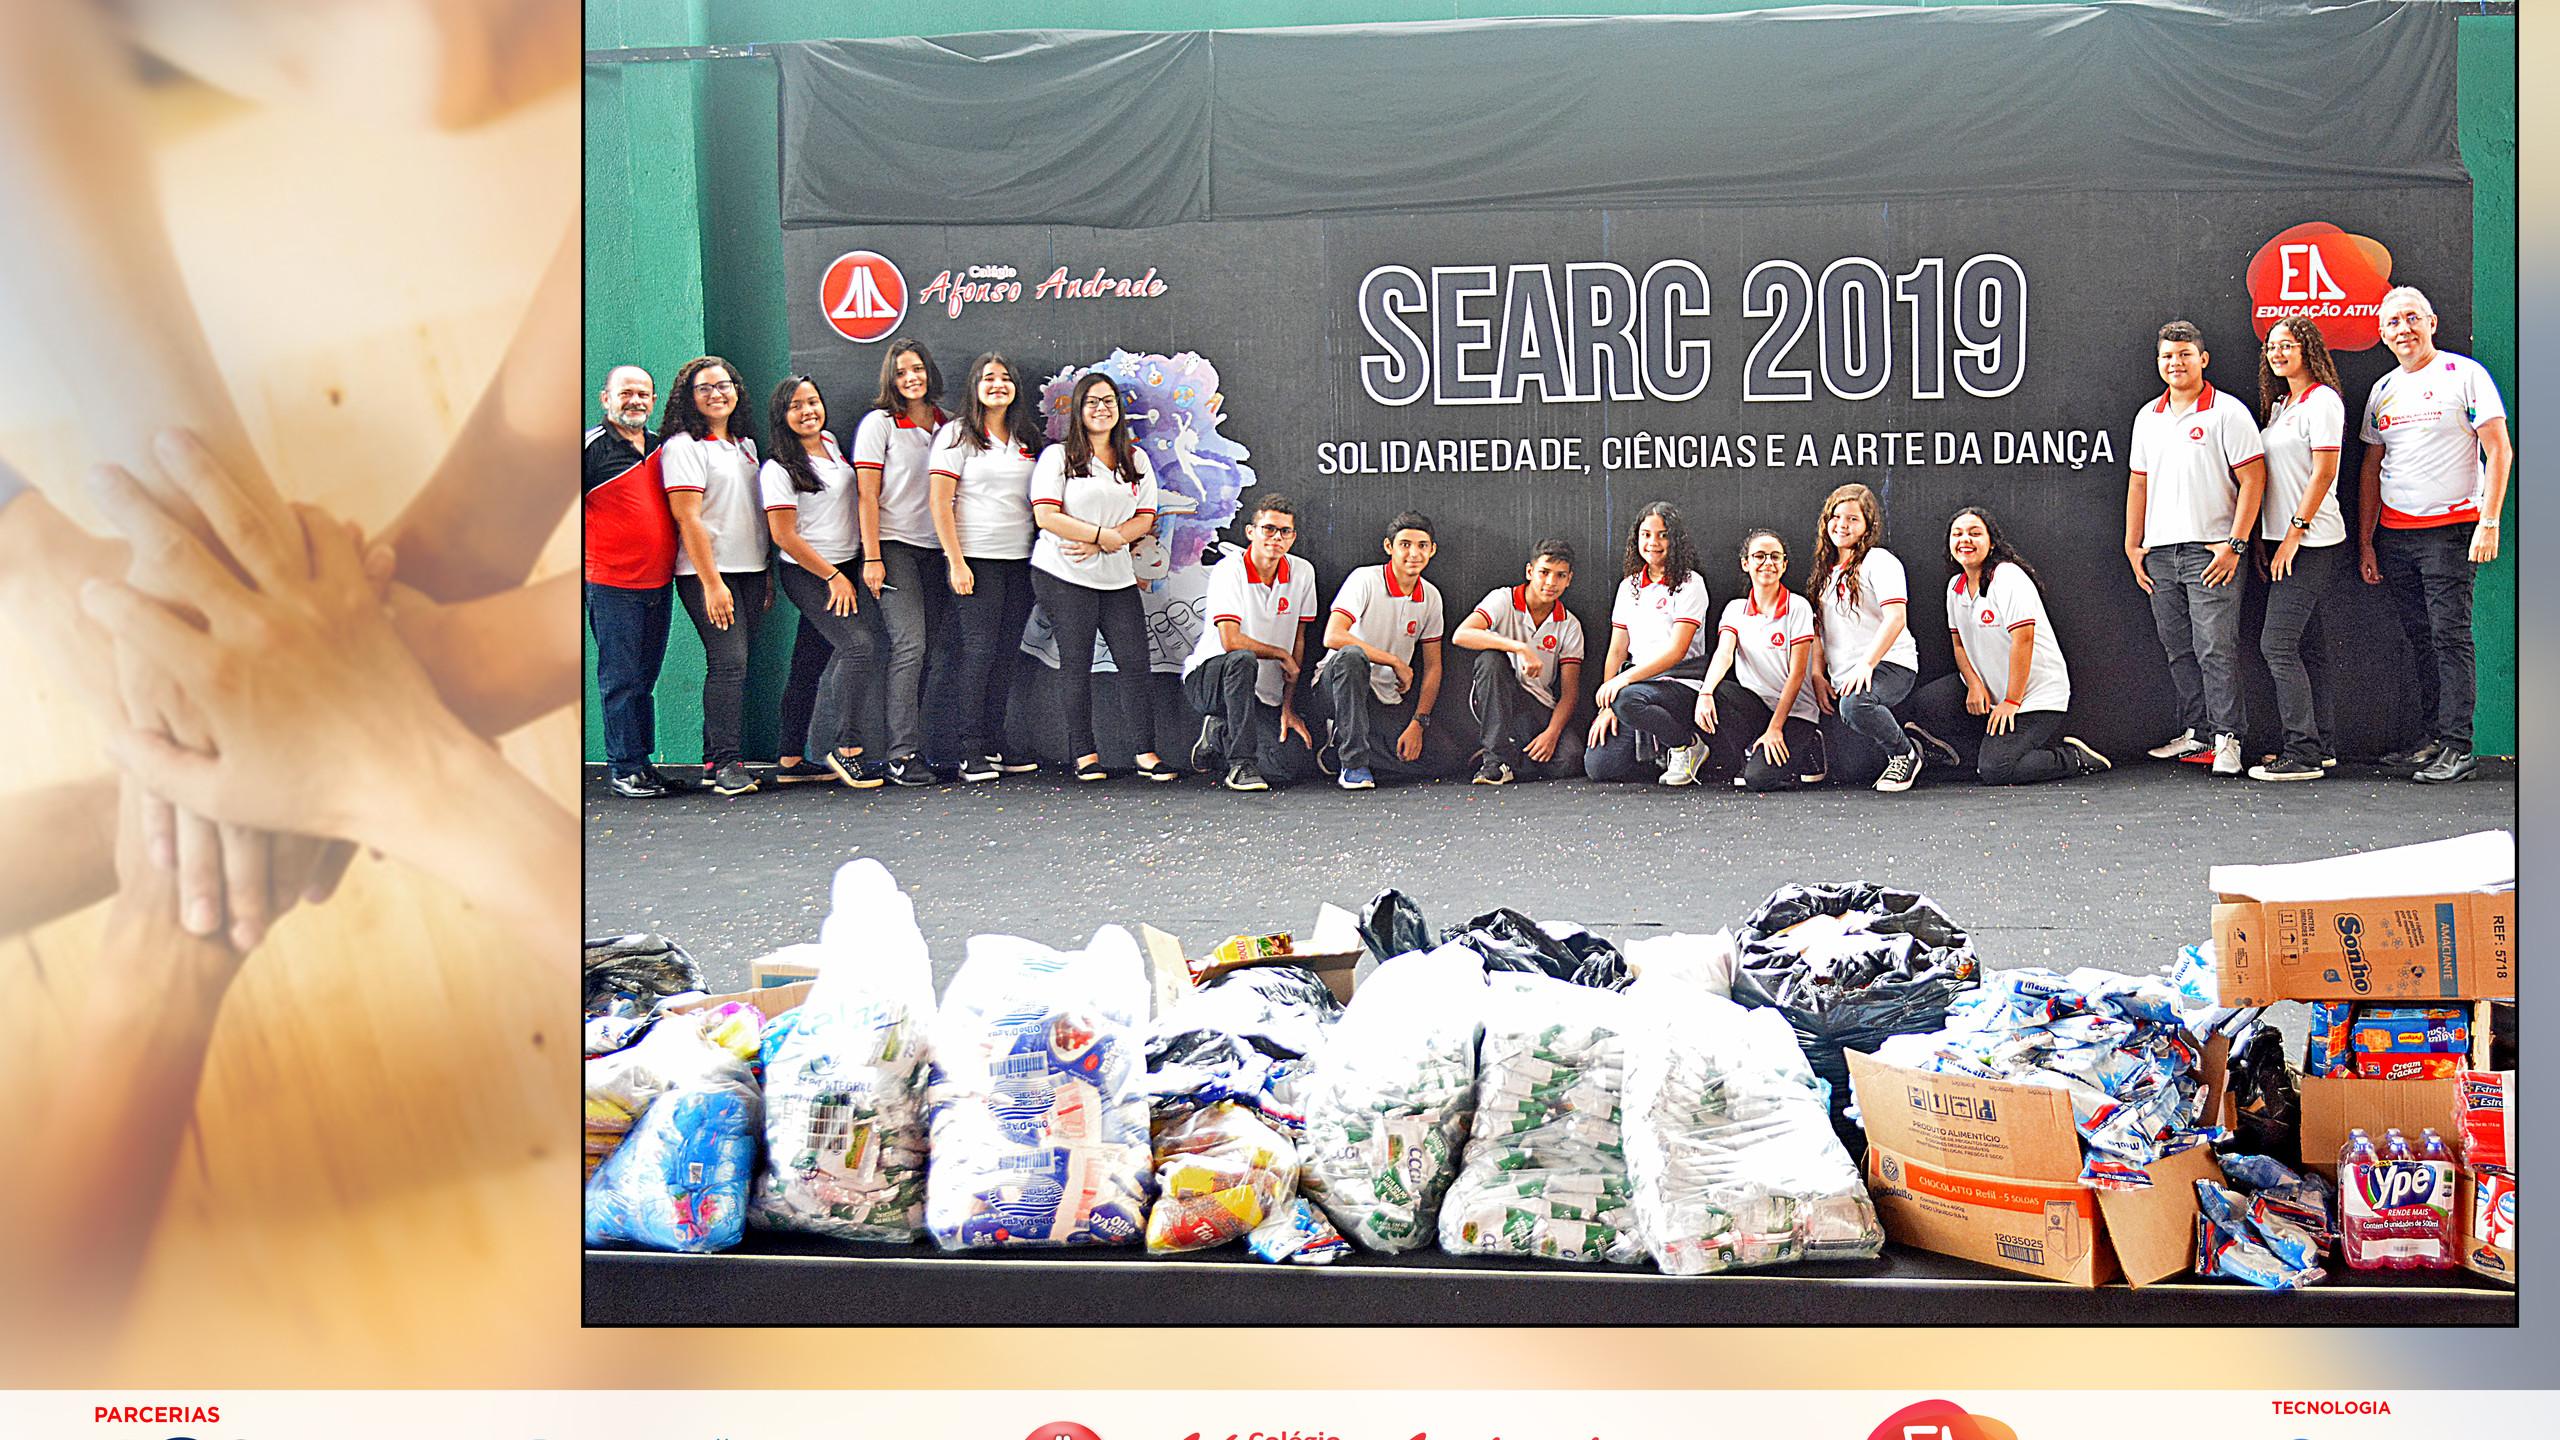 Entrega de Alimentos - SEARC 2019